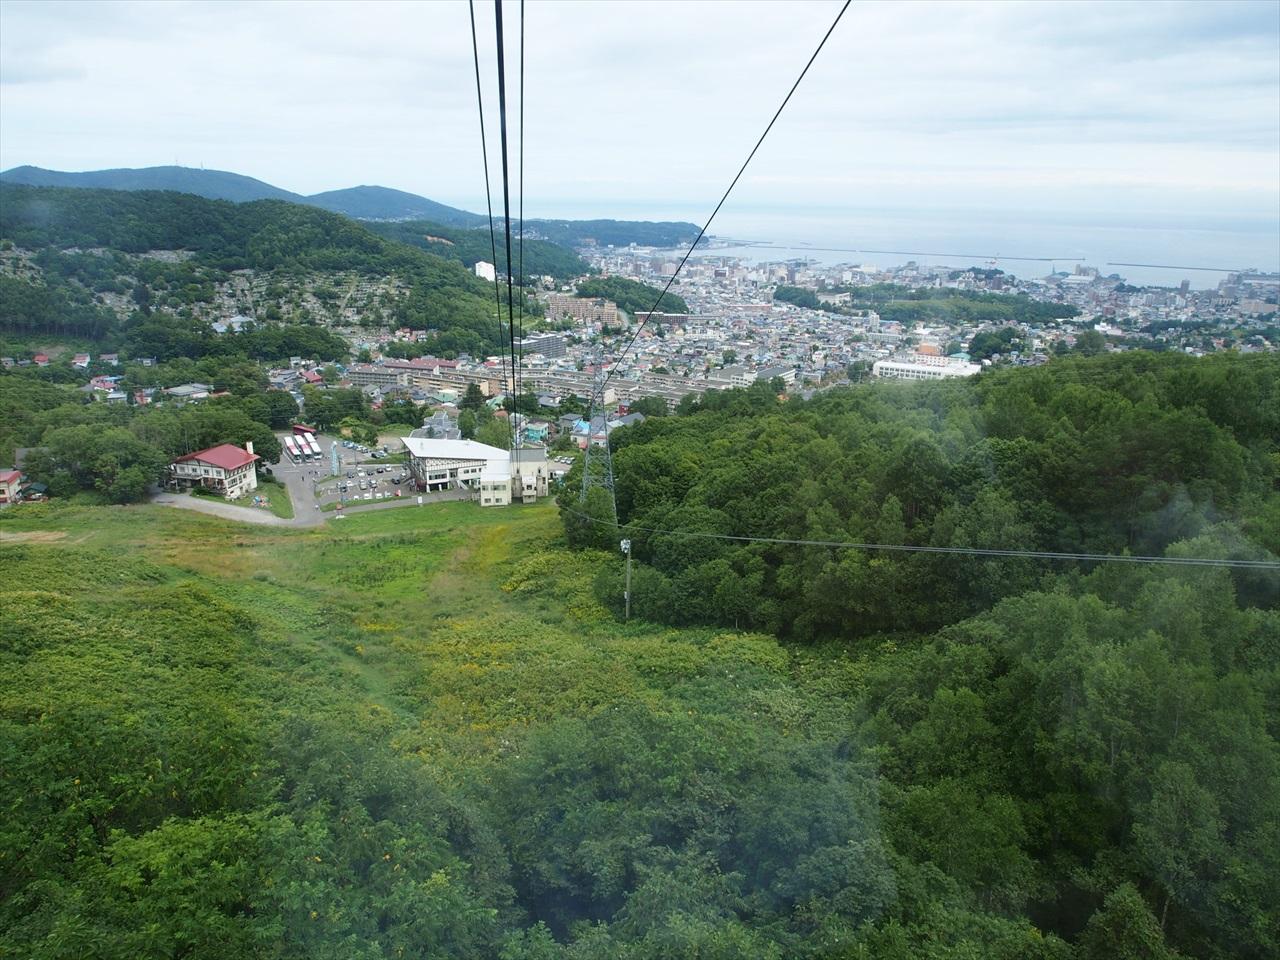 ゴンドラから眺めた小樽市街と石狩湾